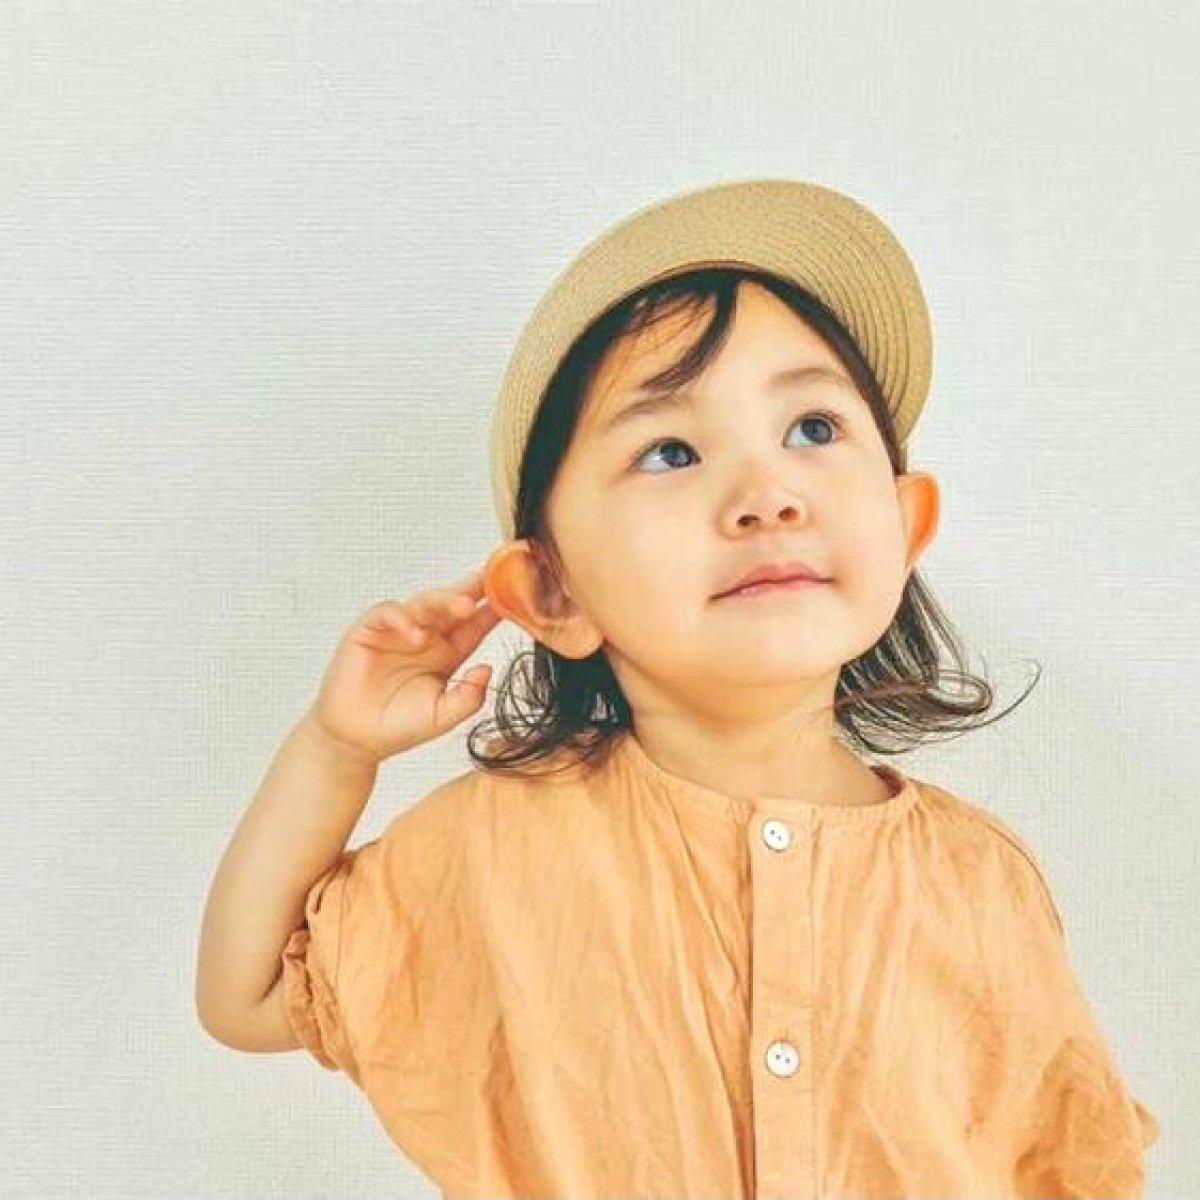 【KIDS】Big Pom Braid Cap 詳細画像20